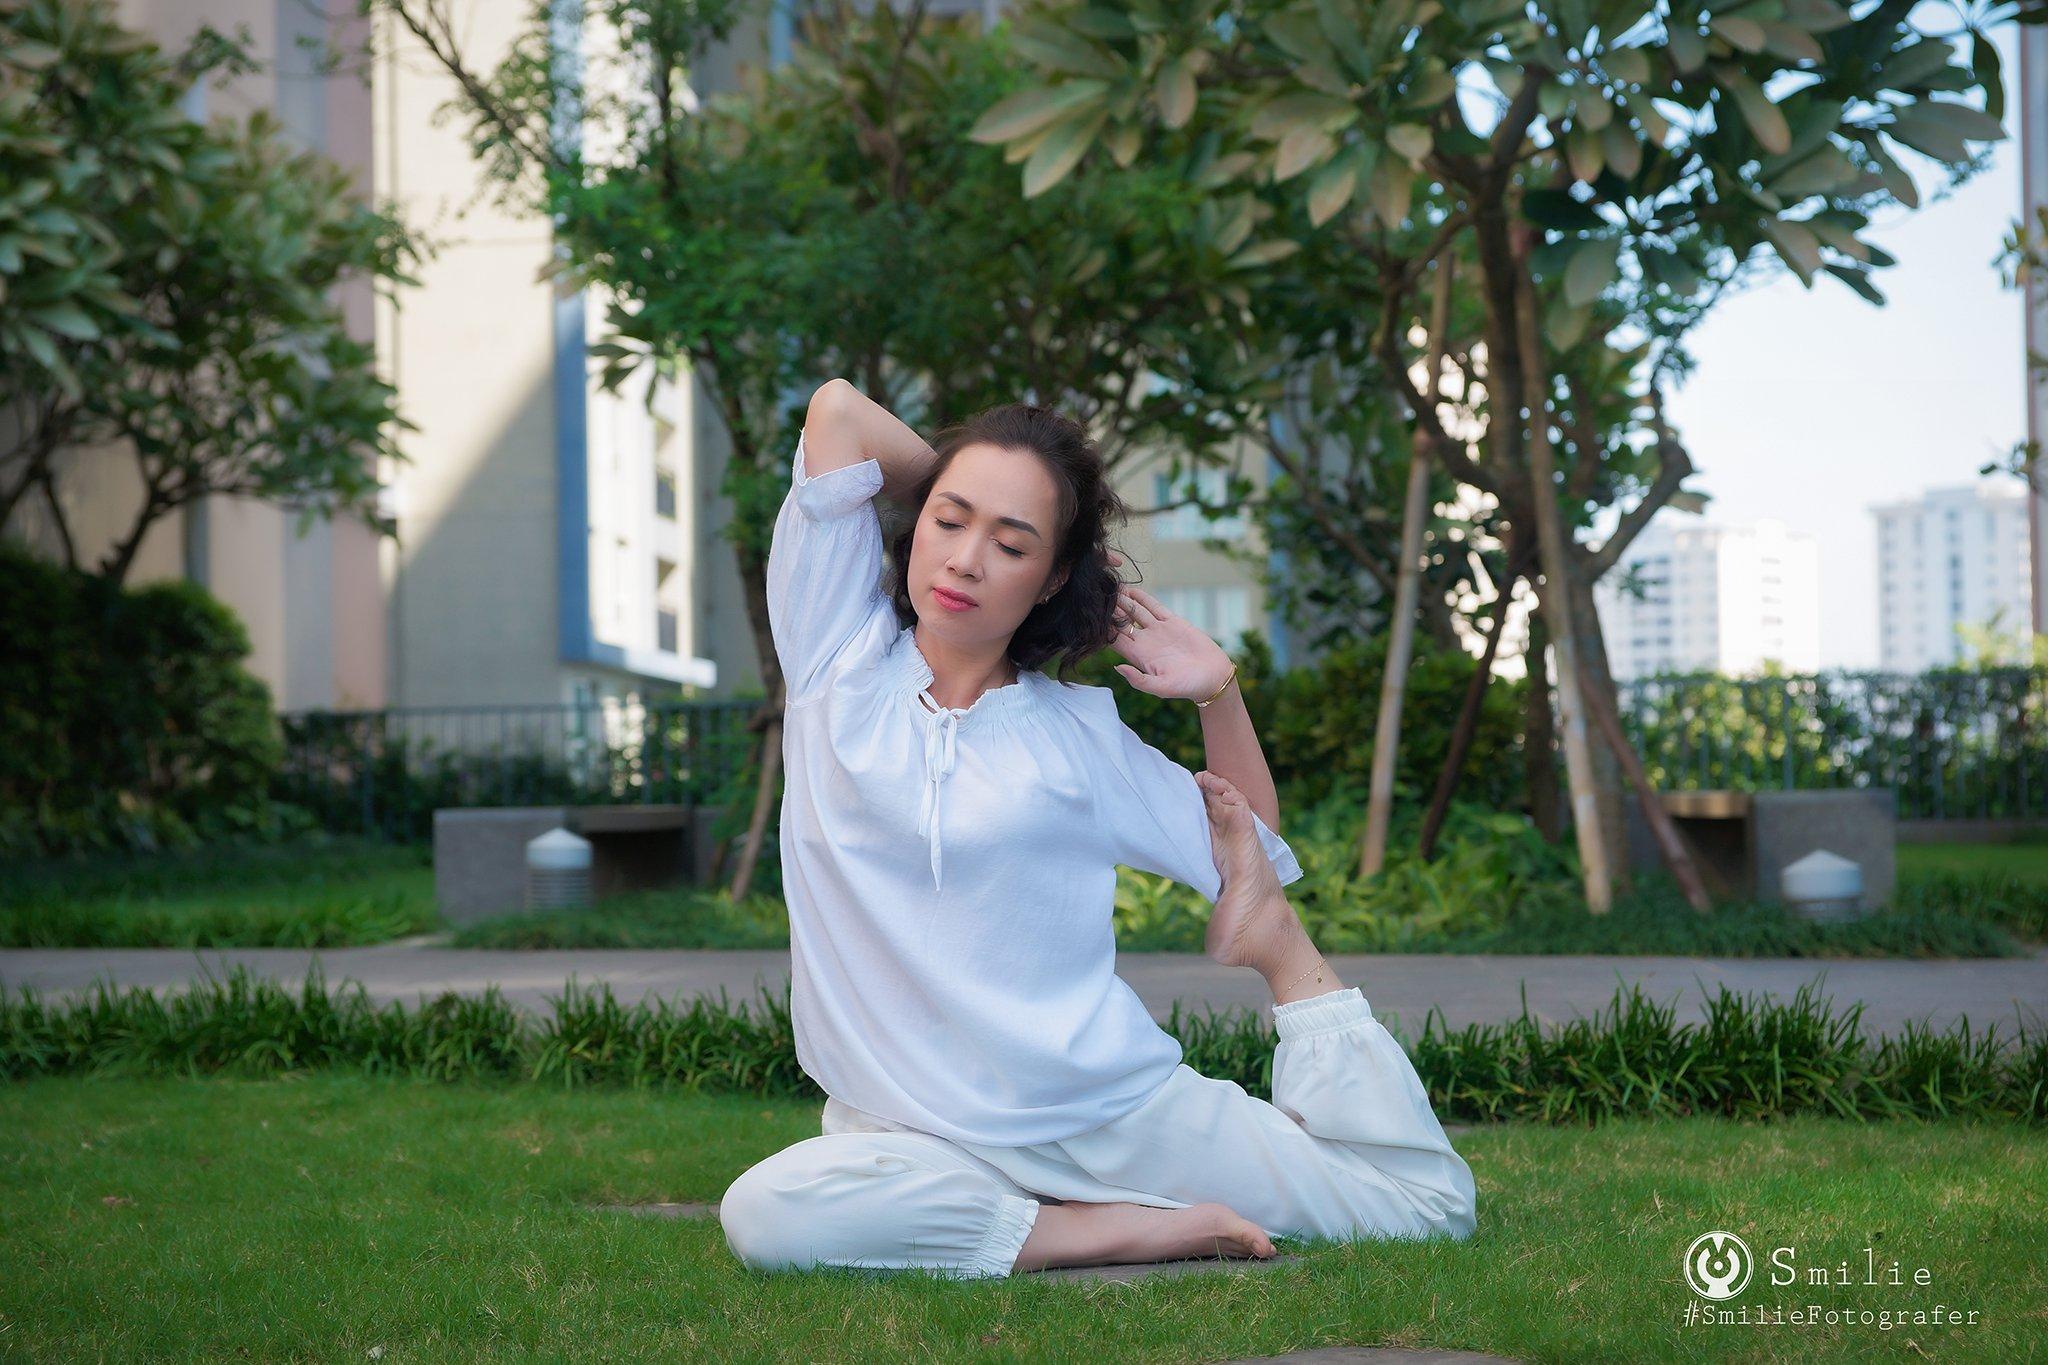 Kinh nghiệm thực hành Ayurveda hiệu quả với huấn luyện Yoga Ngọc Đỗ